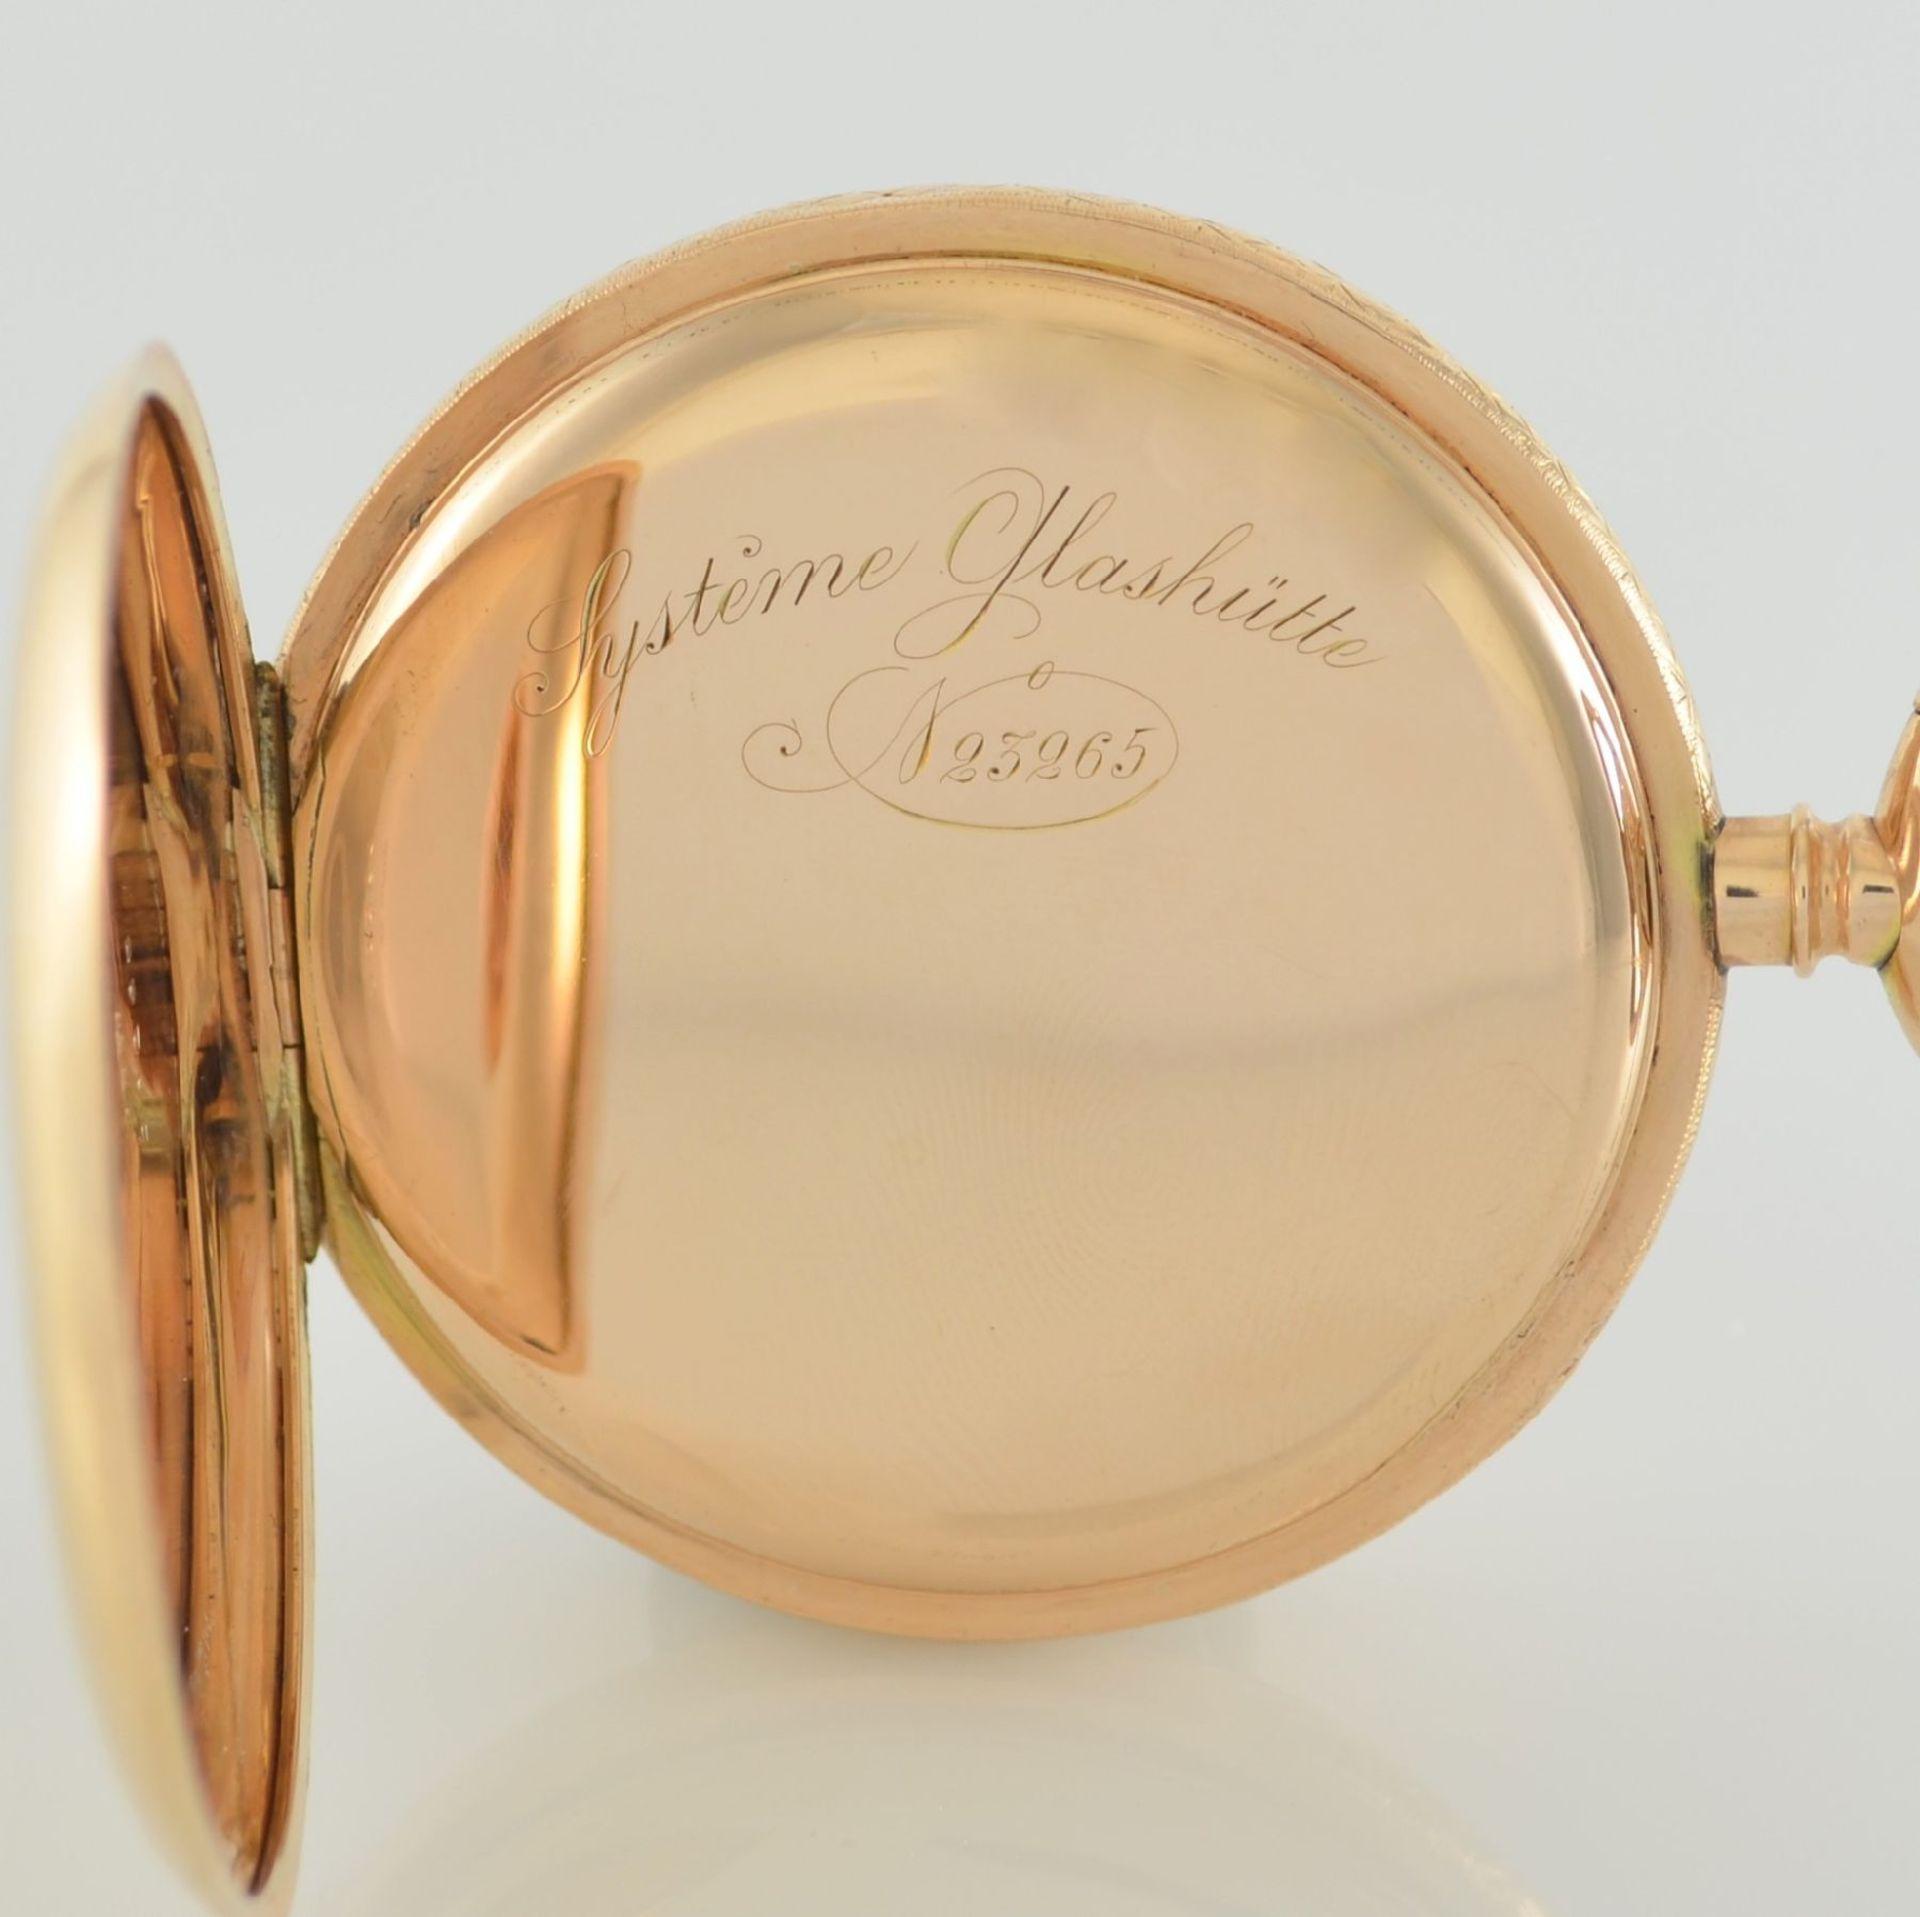 SYSTÉME GLASHÜTTE Herrensavonette in RG 585/000, Schweiz/Deutschland um 1900, glattes 3-Deckel - Bild 5 aus 8